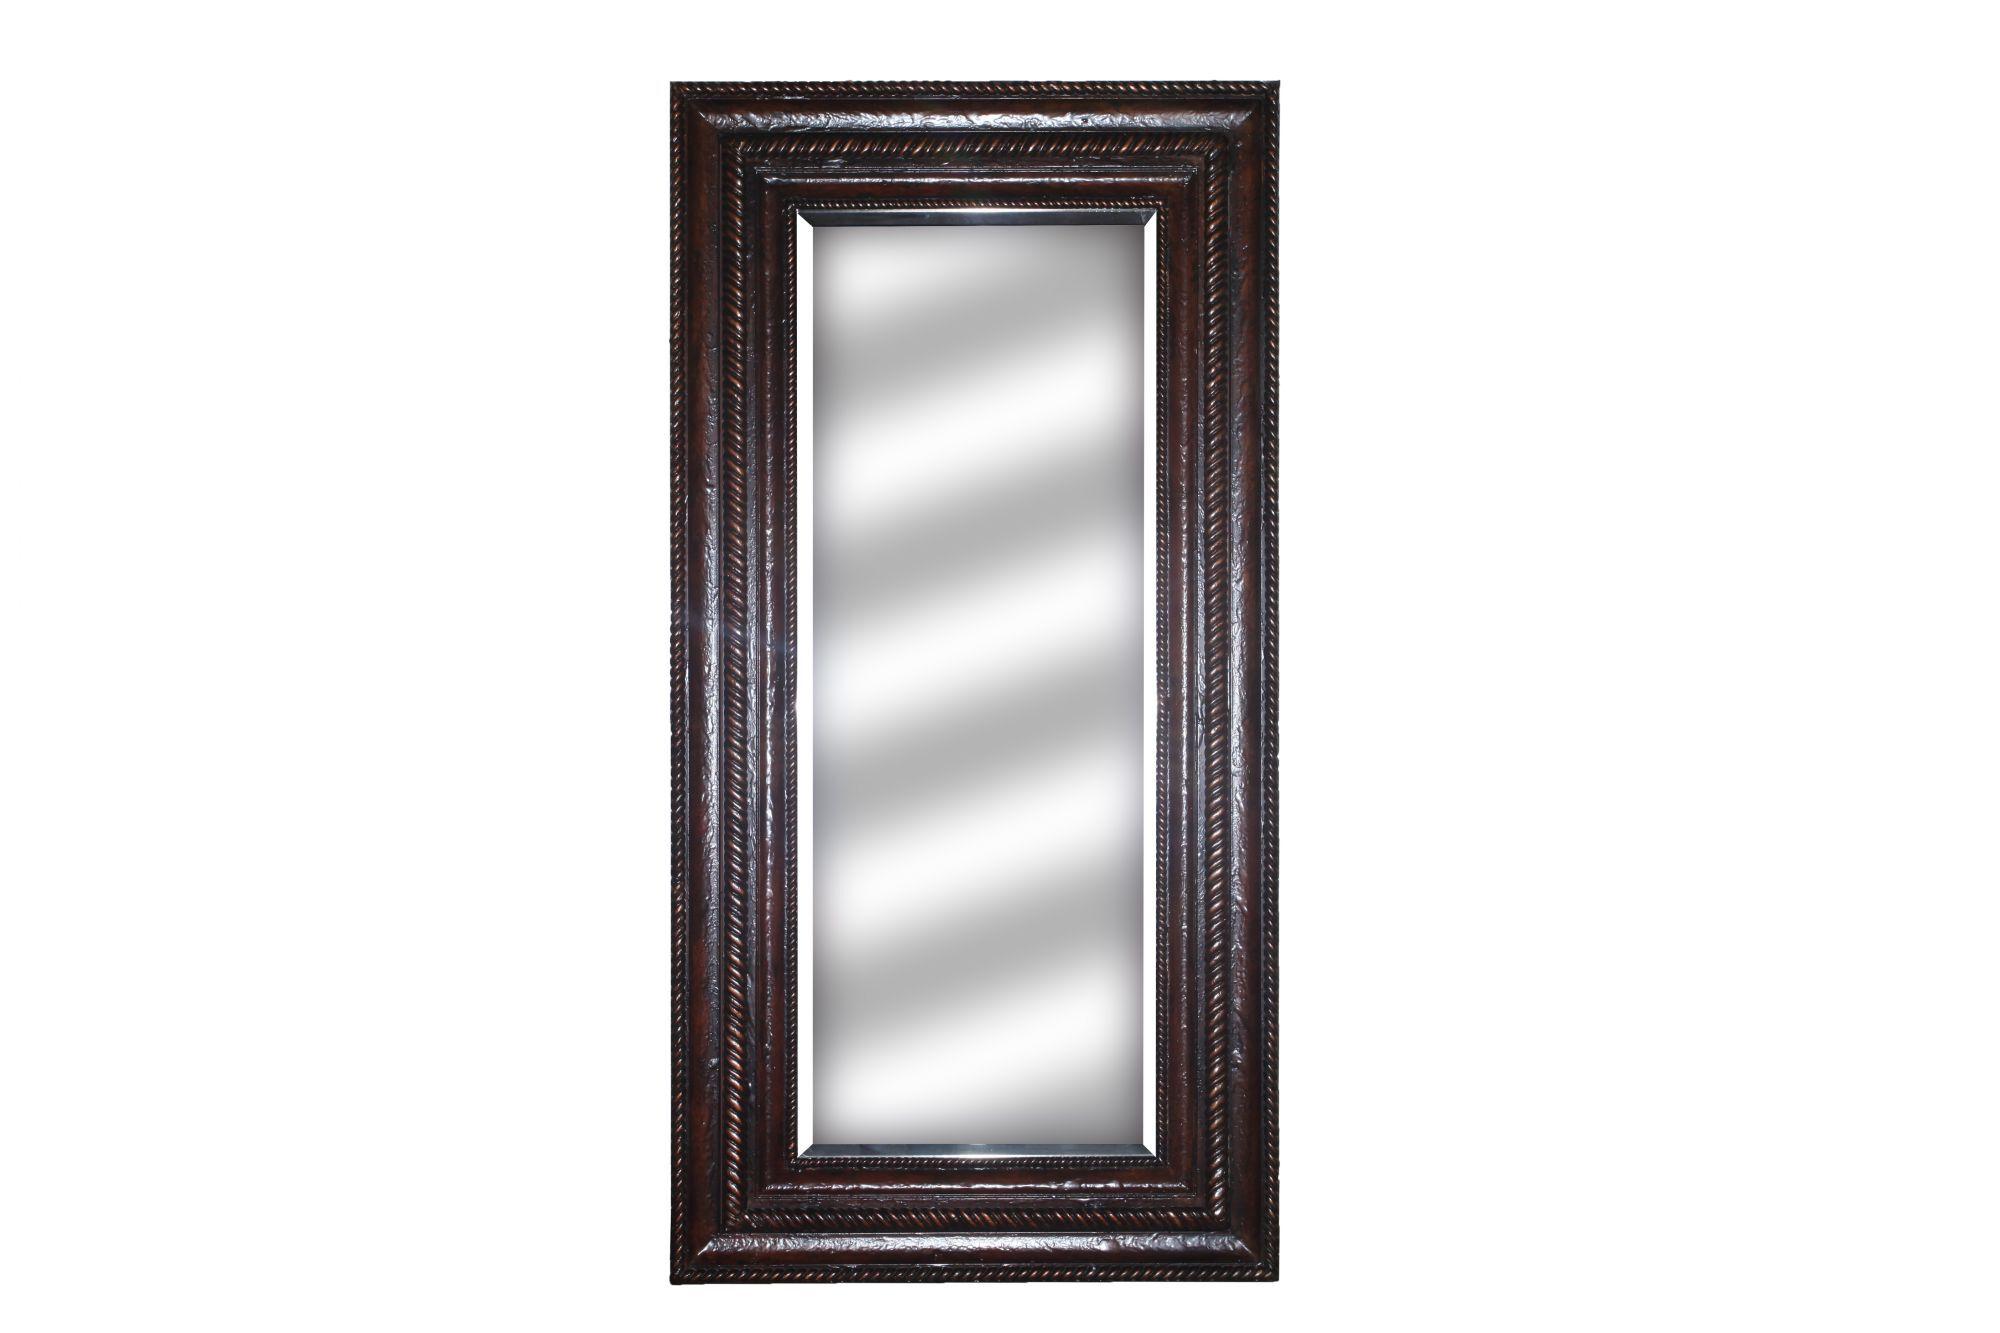 Images 76u0026quot; Gadrooned Floor Mirror With Hidden Storageu0026nbsp;in Brown  Gesso 76u0026quot; Gadrooned Floor Mirror With Hidden Storageu0026nbsp;in Brown  Gesso